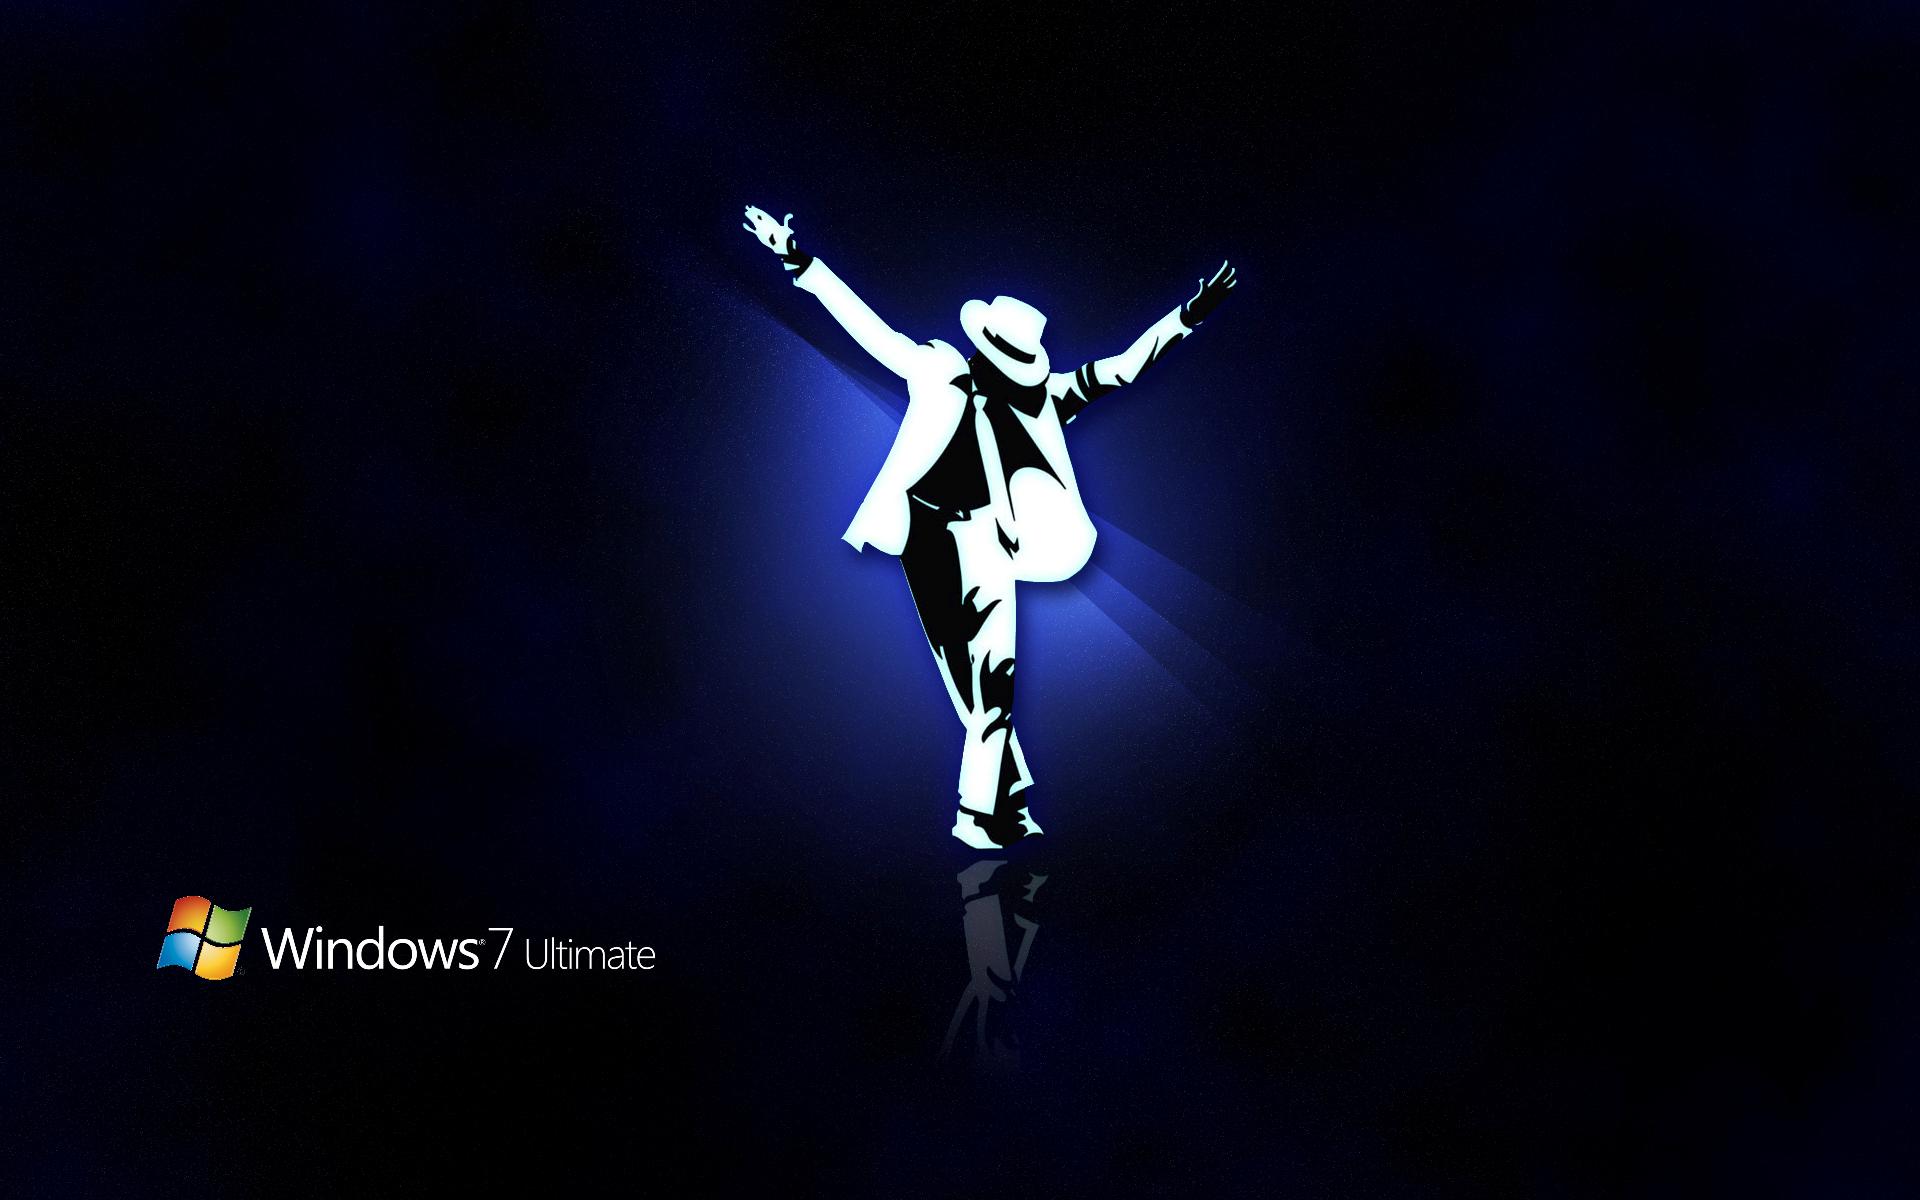 Michael Jackson Live Wallpaper WallpaperSafari